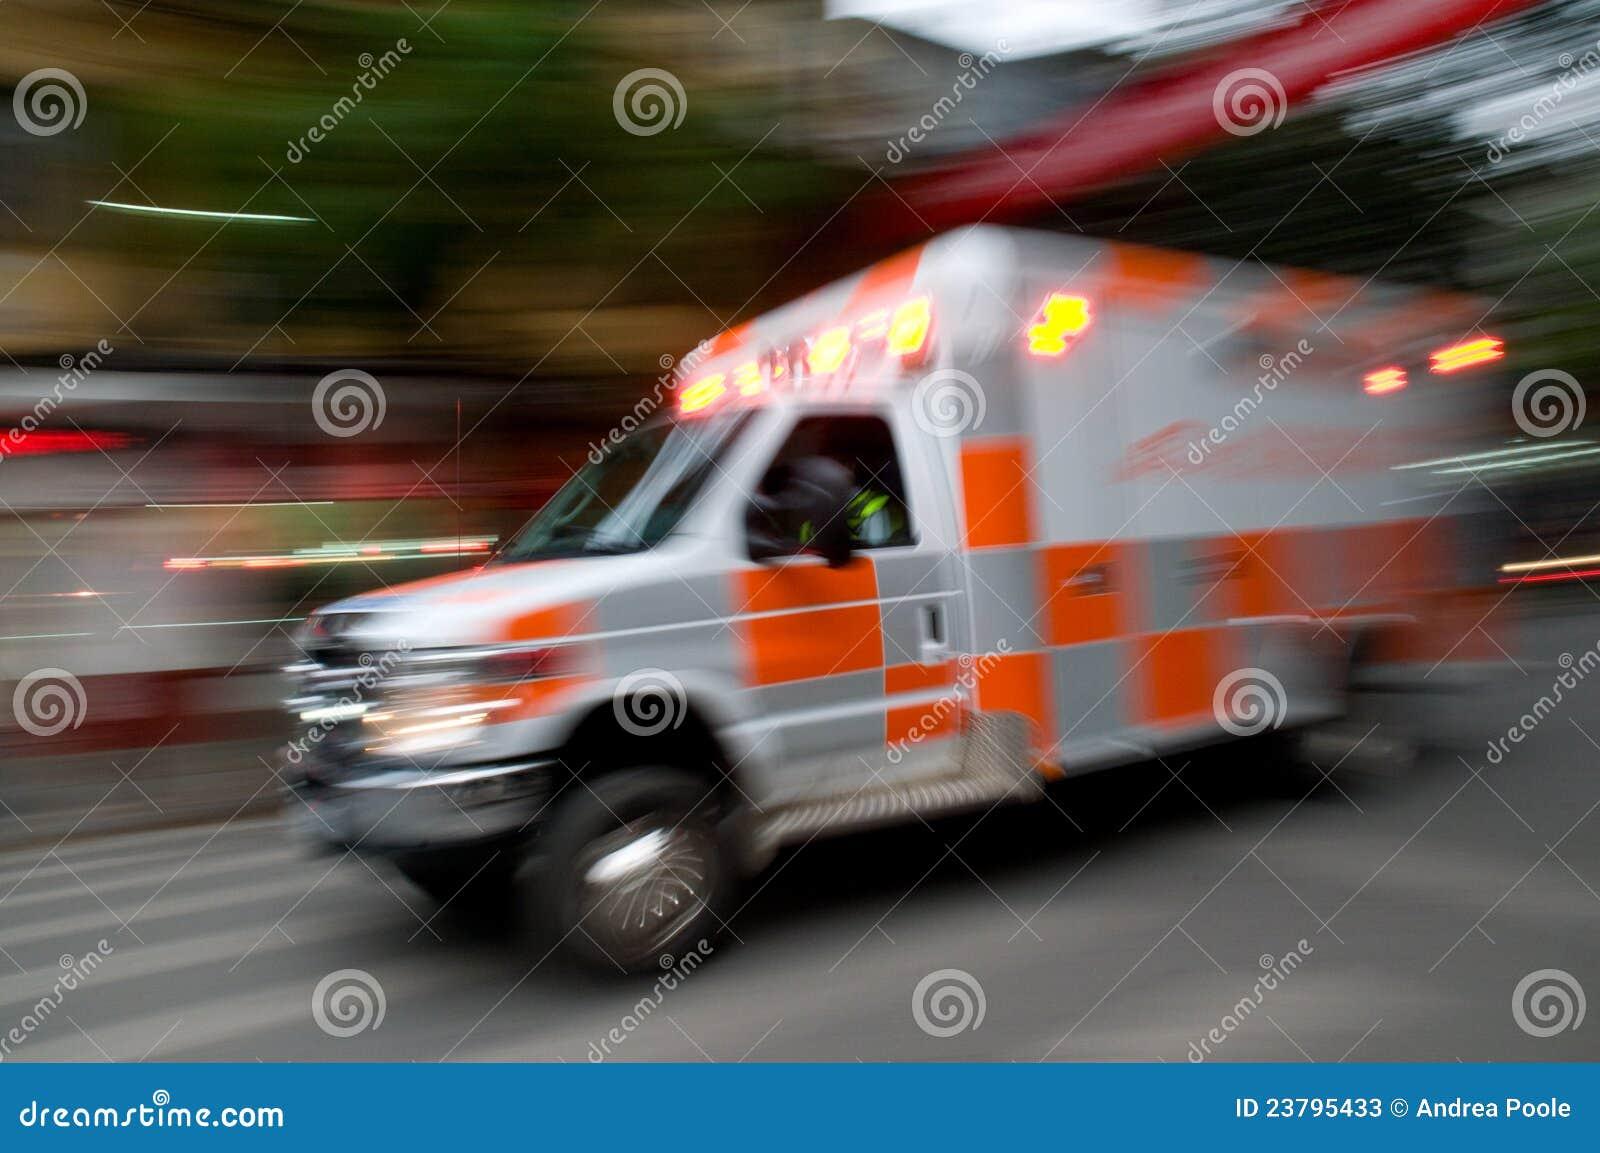 Speeding Ambulance Stock Photos Image 23795433